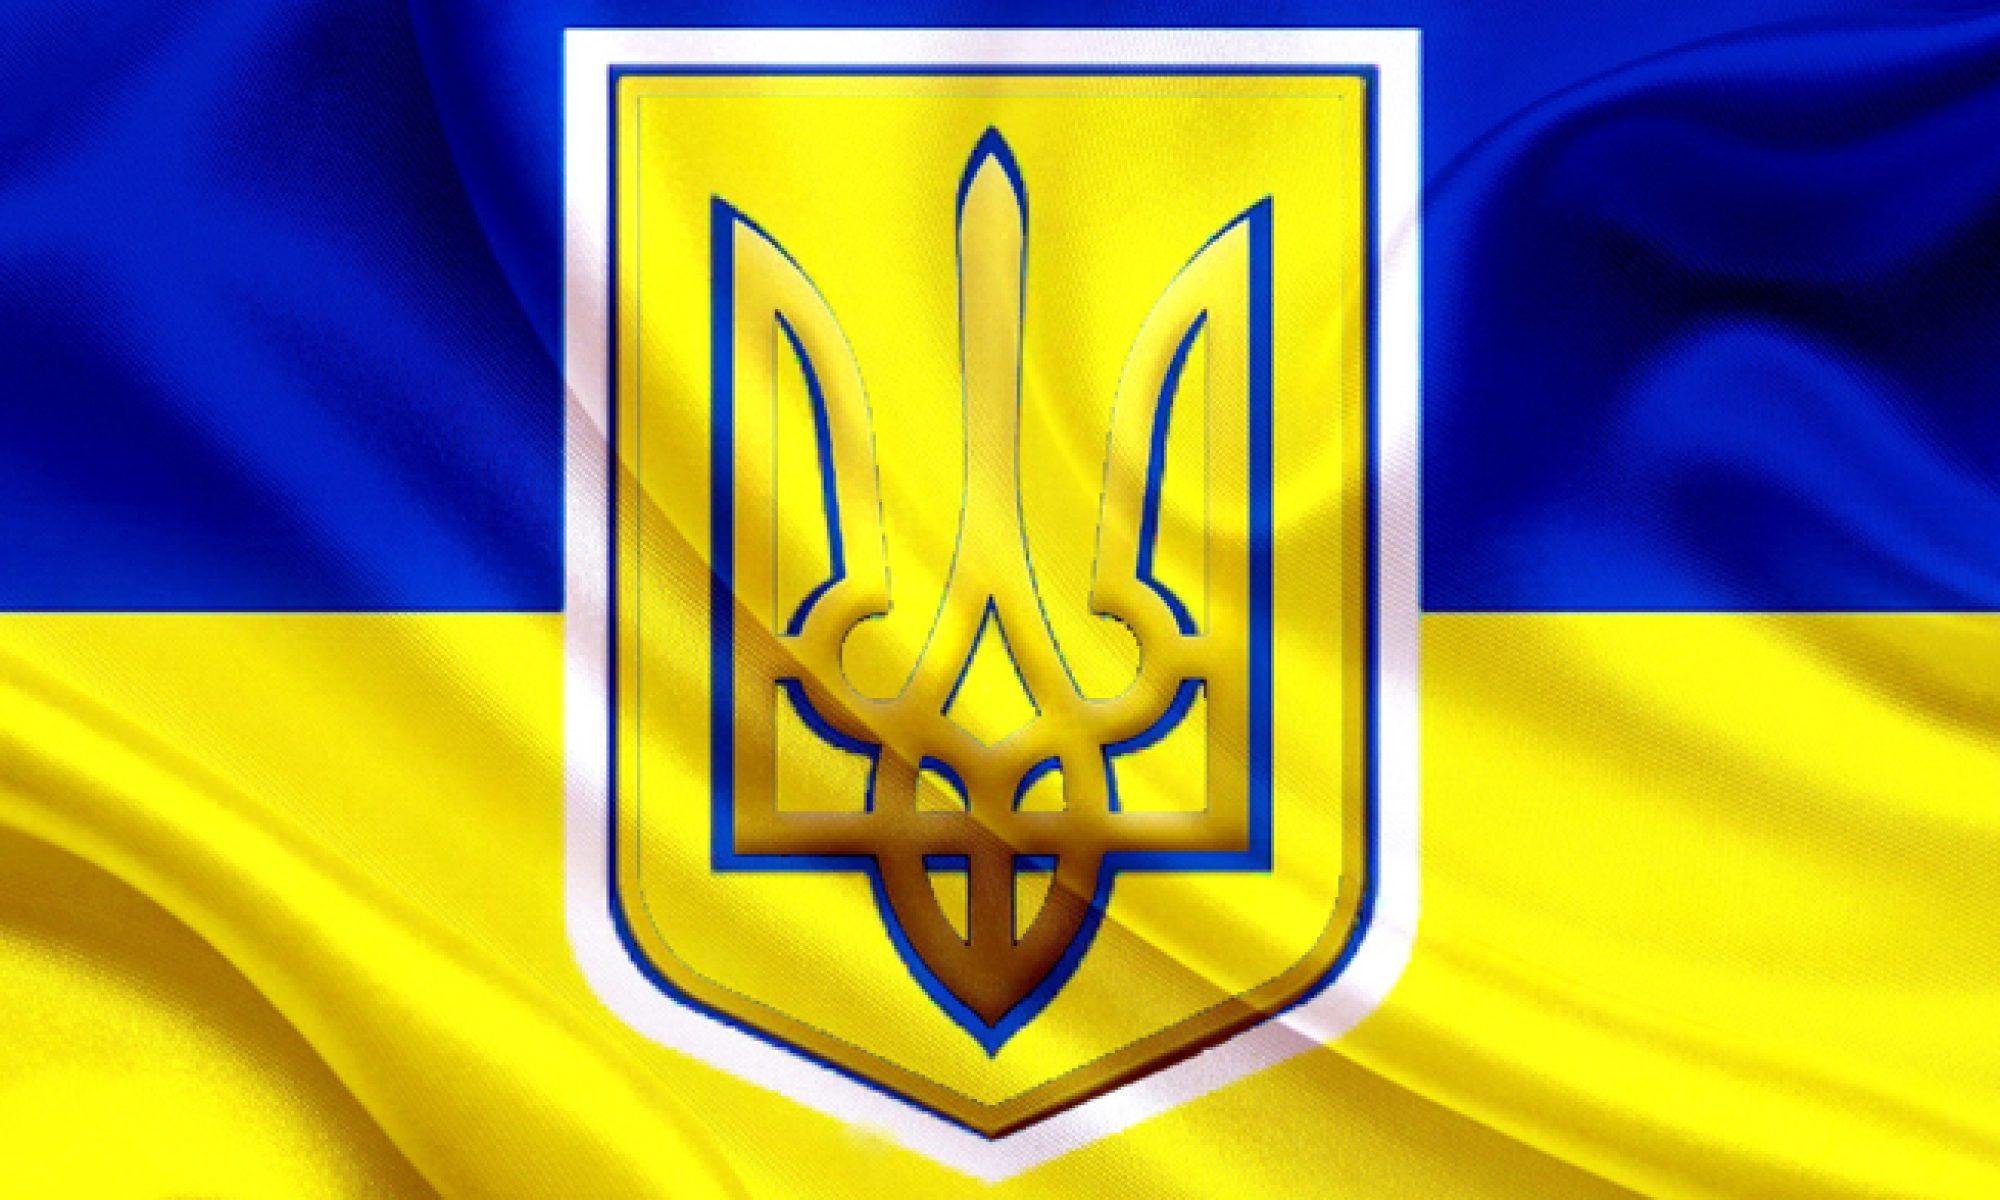 MISSION ÉCONOMIQUE D'UKRAINE